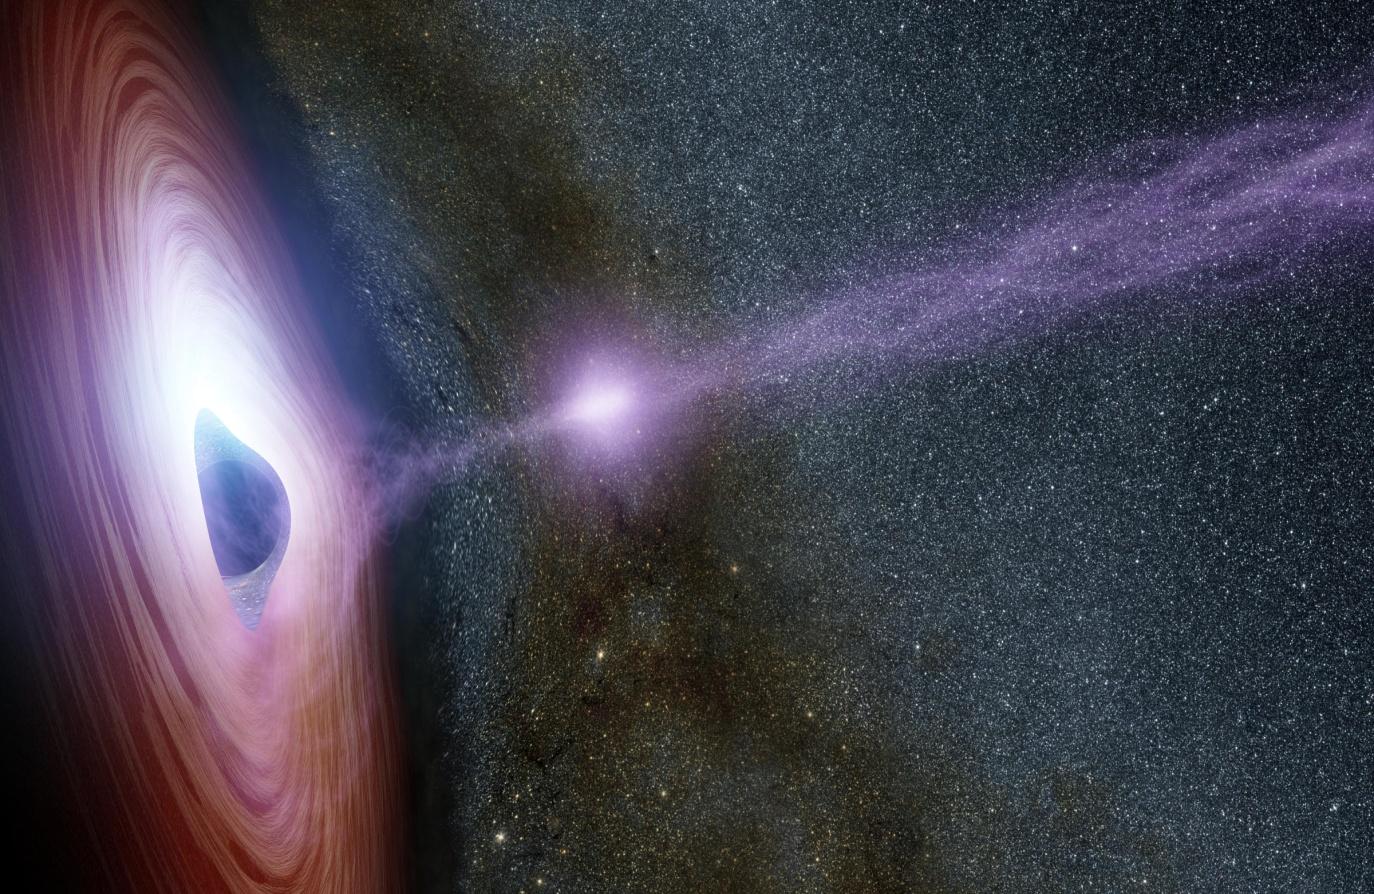 C:\Users\Наталья\Desktop\NASA показало зрелищное фото черной дыры в момент колоссального выброса..jpg